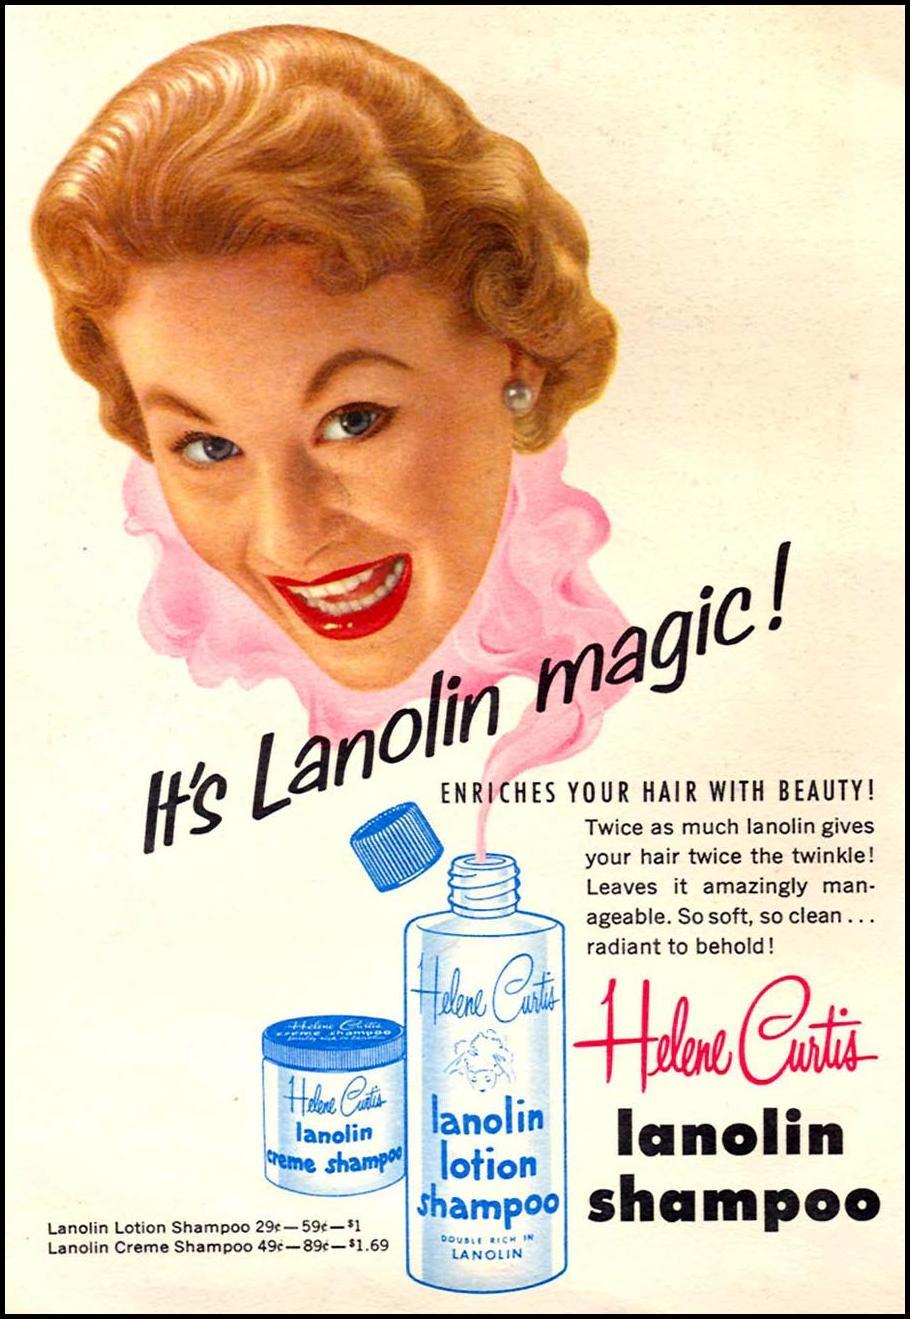 HELENE CURTIS LANOLIN SHAMPOO CORONET 07/01/1954 INSIDE FRONT